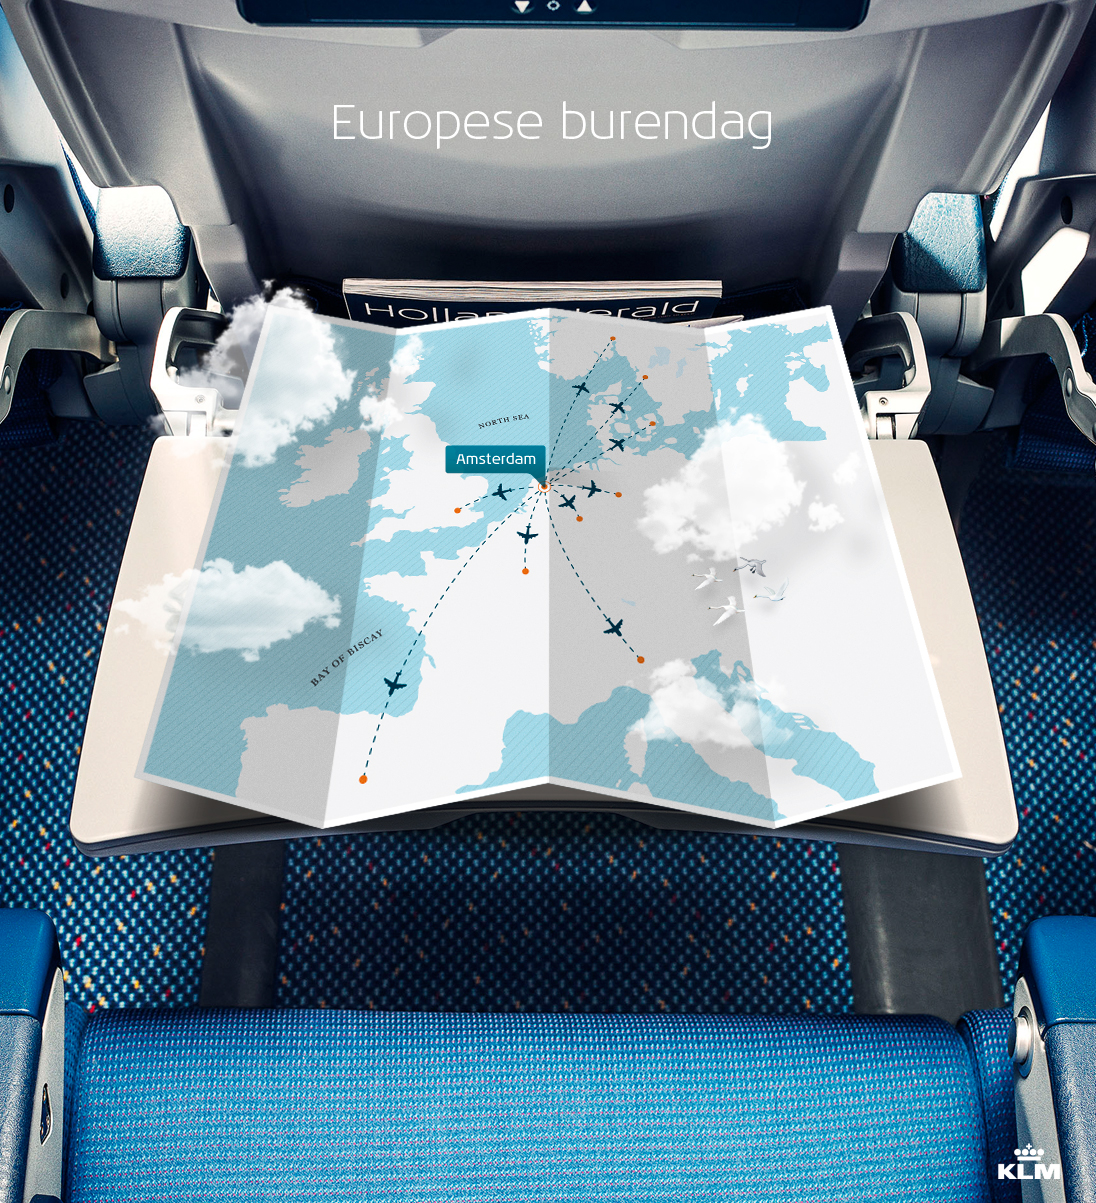 KLM Europese Burendag